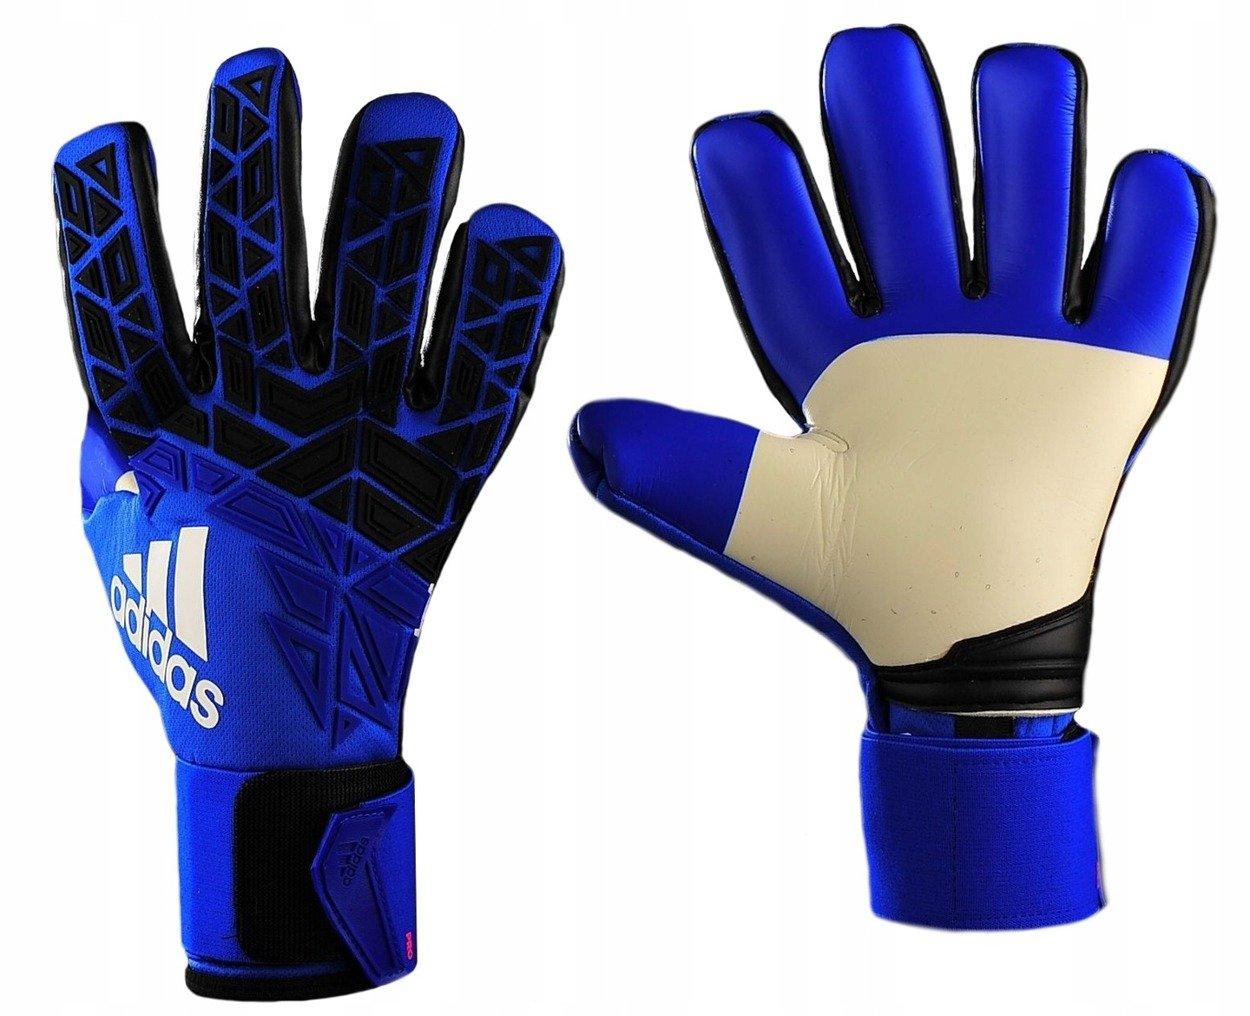 d69d9e3b3 Rękawice bramkarskie Adidas ACE PRO AZ3691 rozmiar 11.5 Kliknij, aby  powiększyć ...